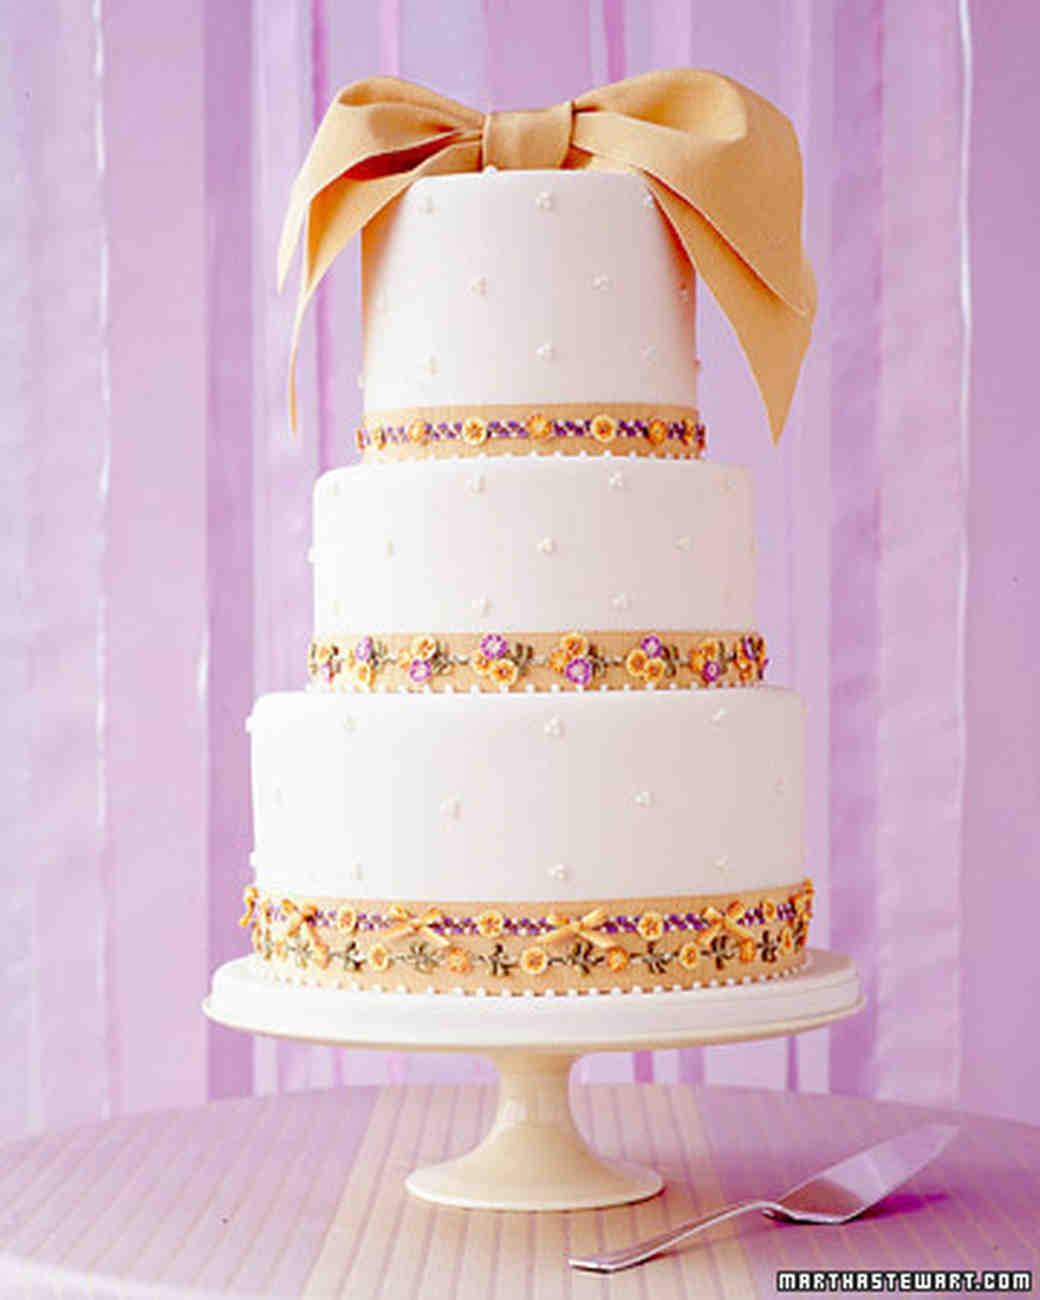 wa100962_spr05_cake.jpg